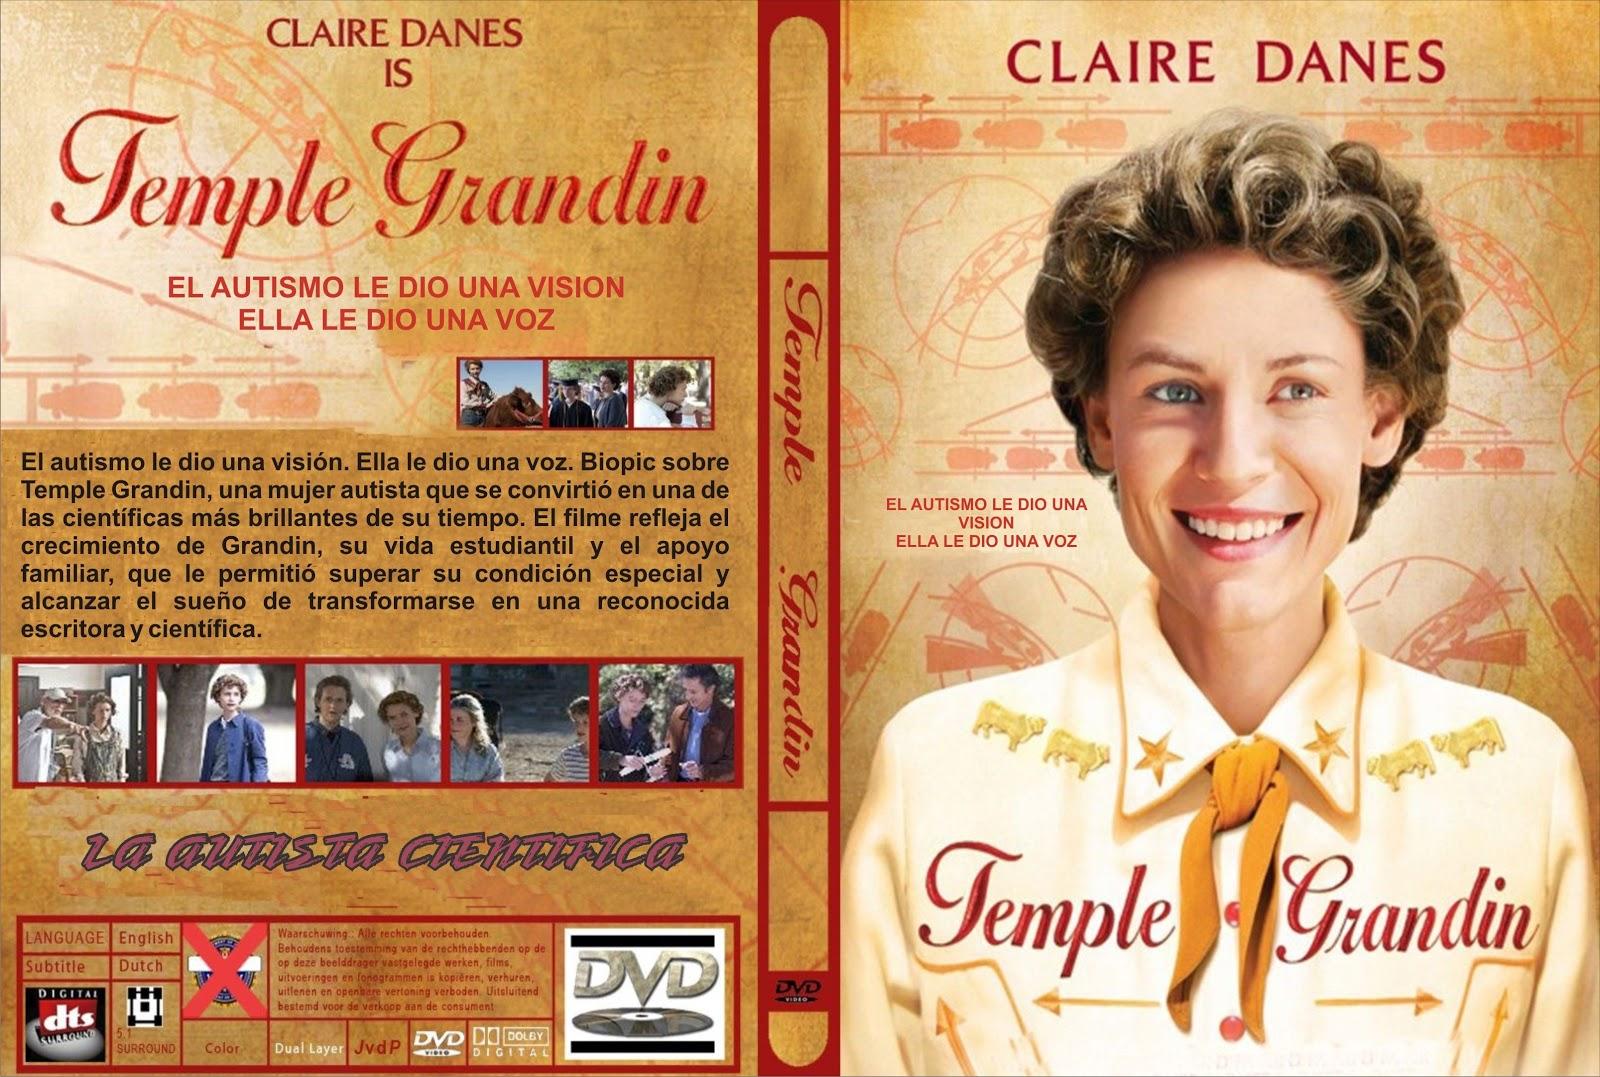 http://1.bp.blogspot.com/-Ba8JgbUX7n0/T6raqPQ96TI/AAAAAAAABos/ebJQiQhDaIA/s1600/Temple_Grandin_-_Custom_por_lrplazas_%5Bdvd%5D_80.jpg